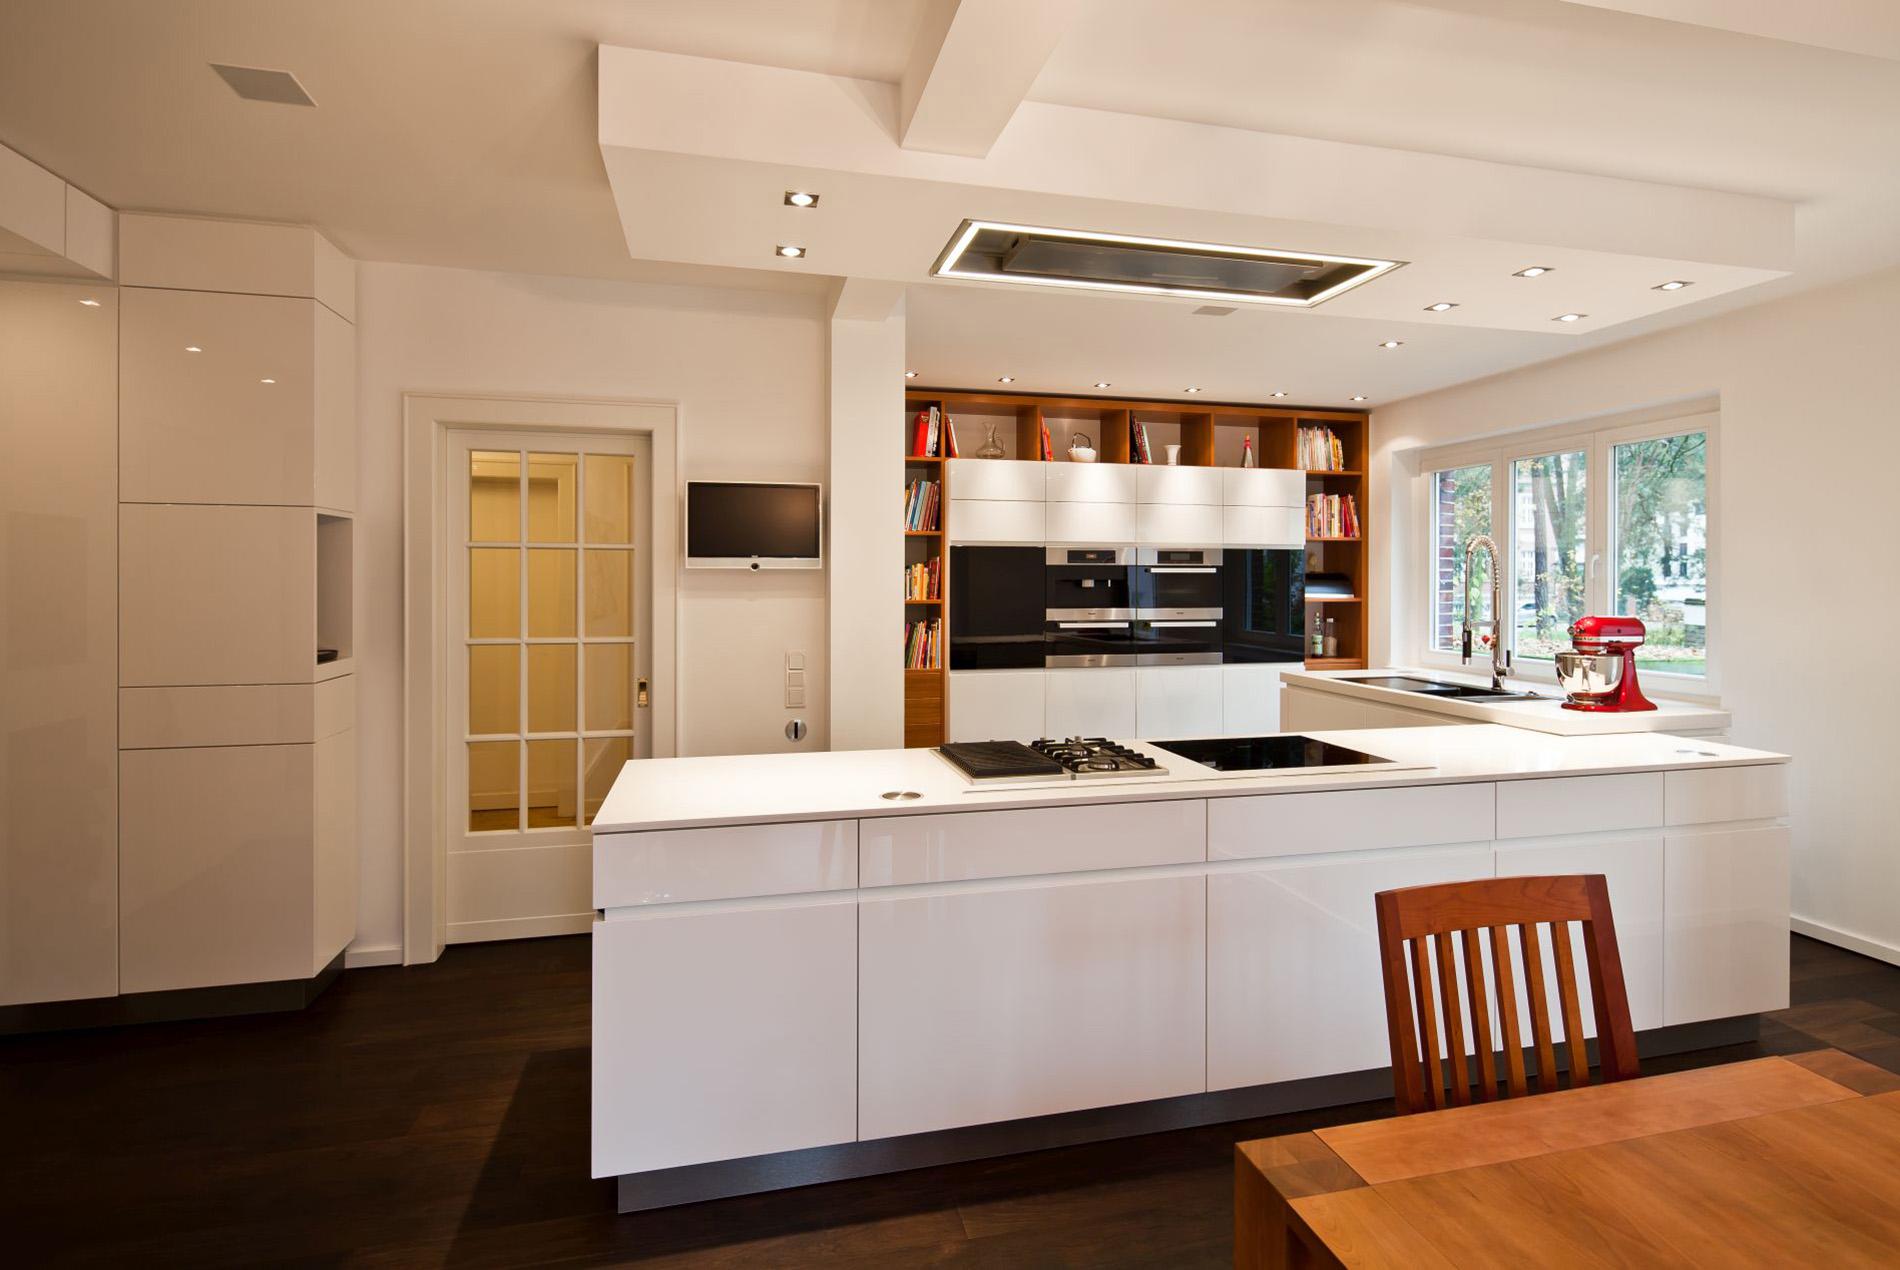 Tischlerei Umbau Küche